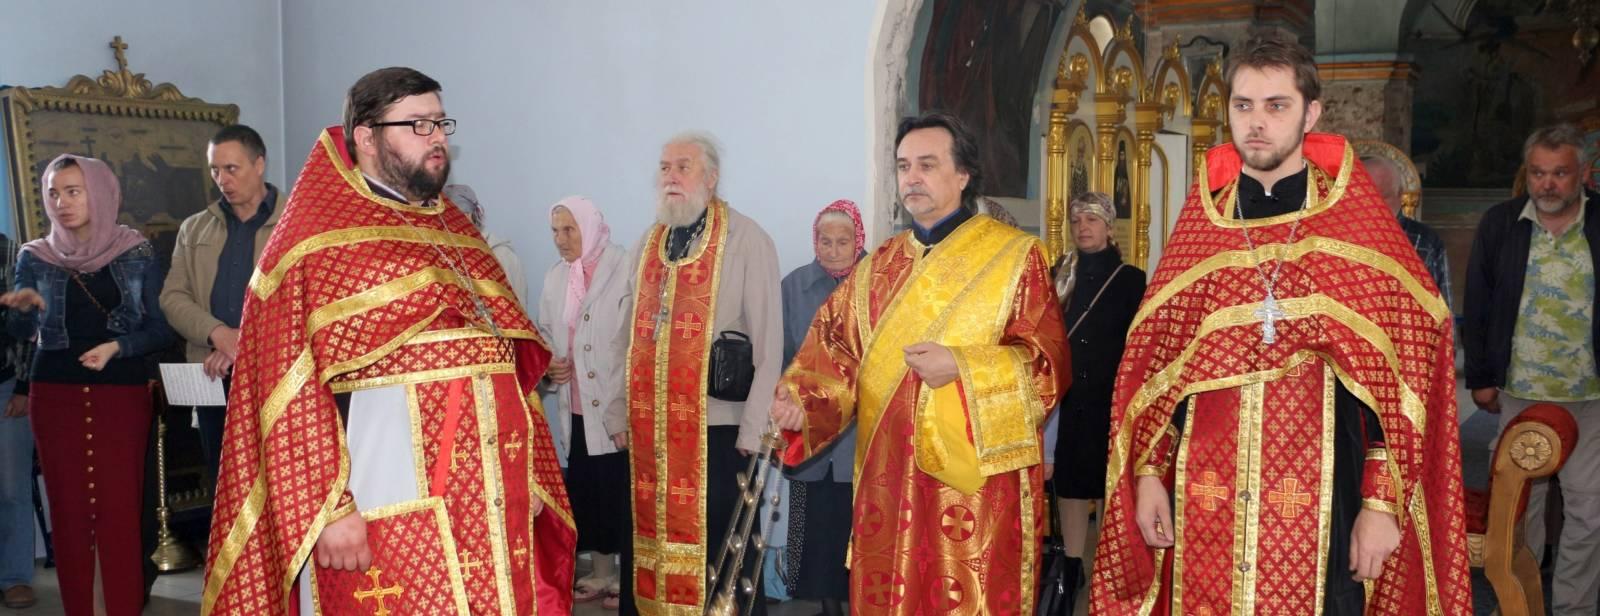 Чудотворный образ Урюпинской иконы Божией Матери посетит г. Волгоград.